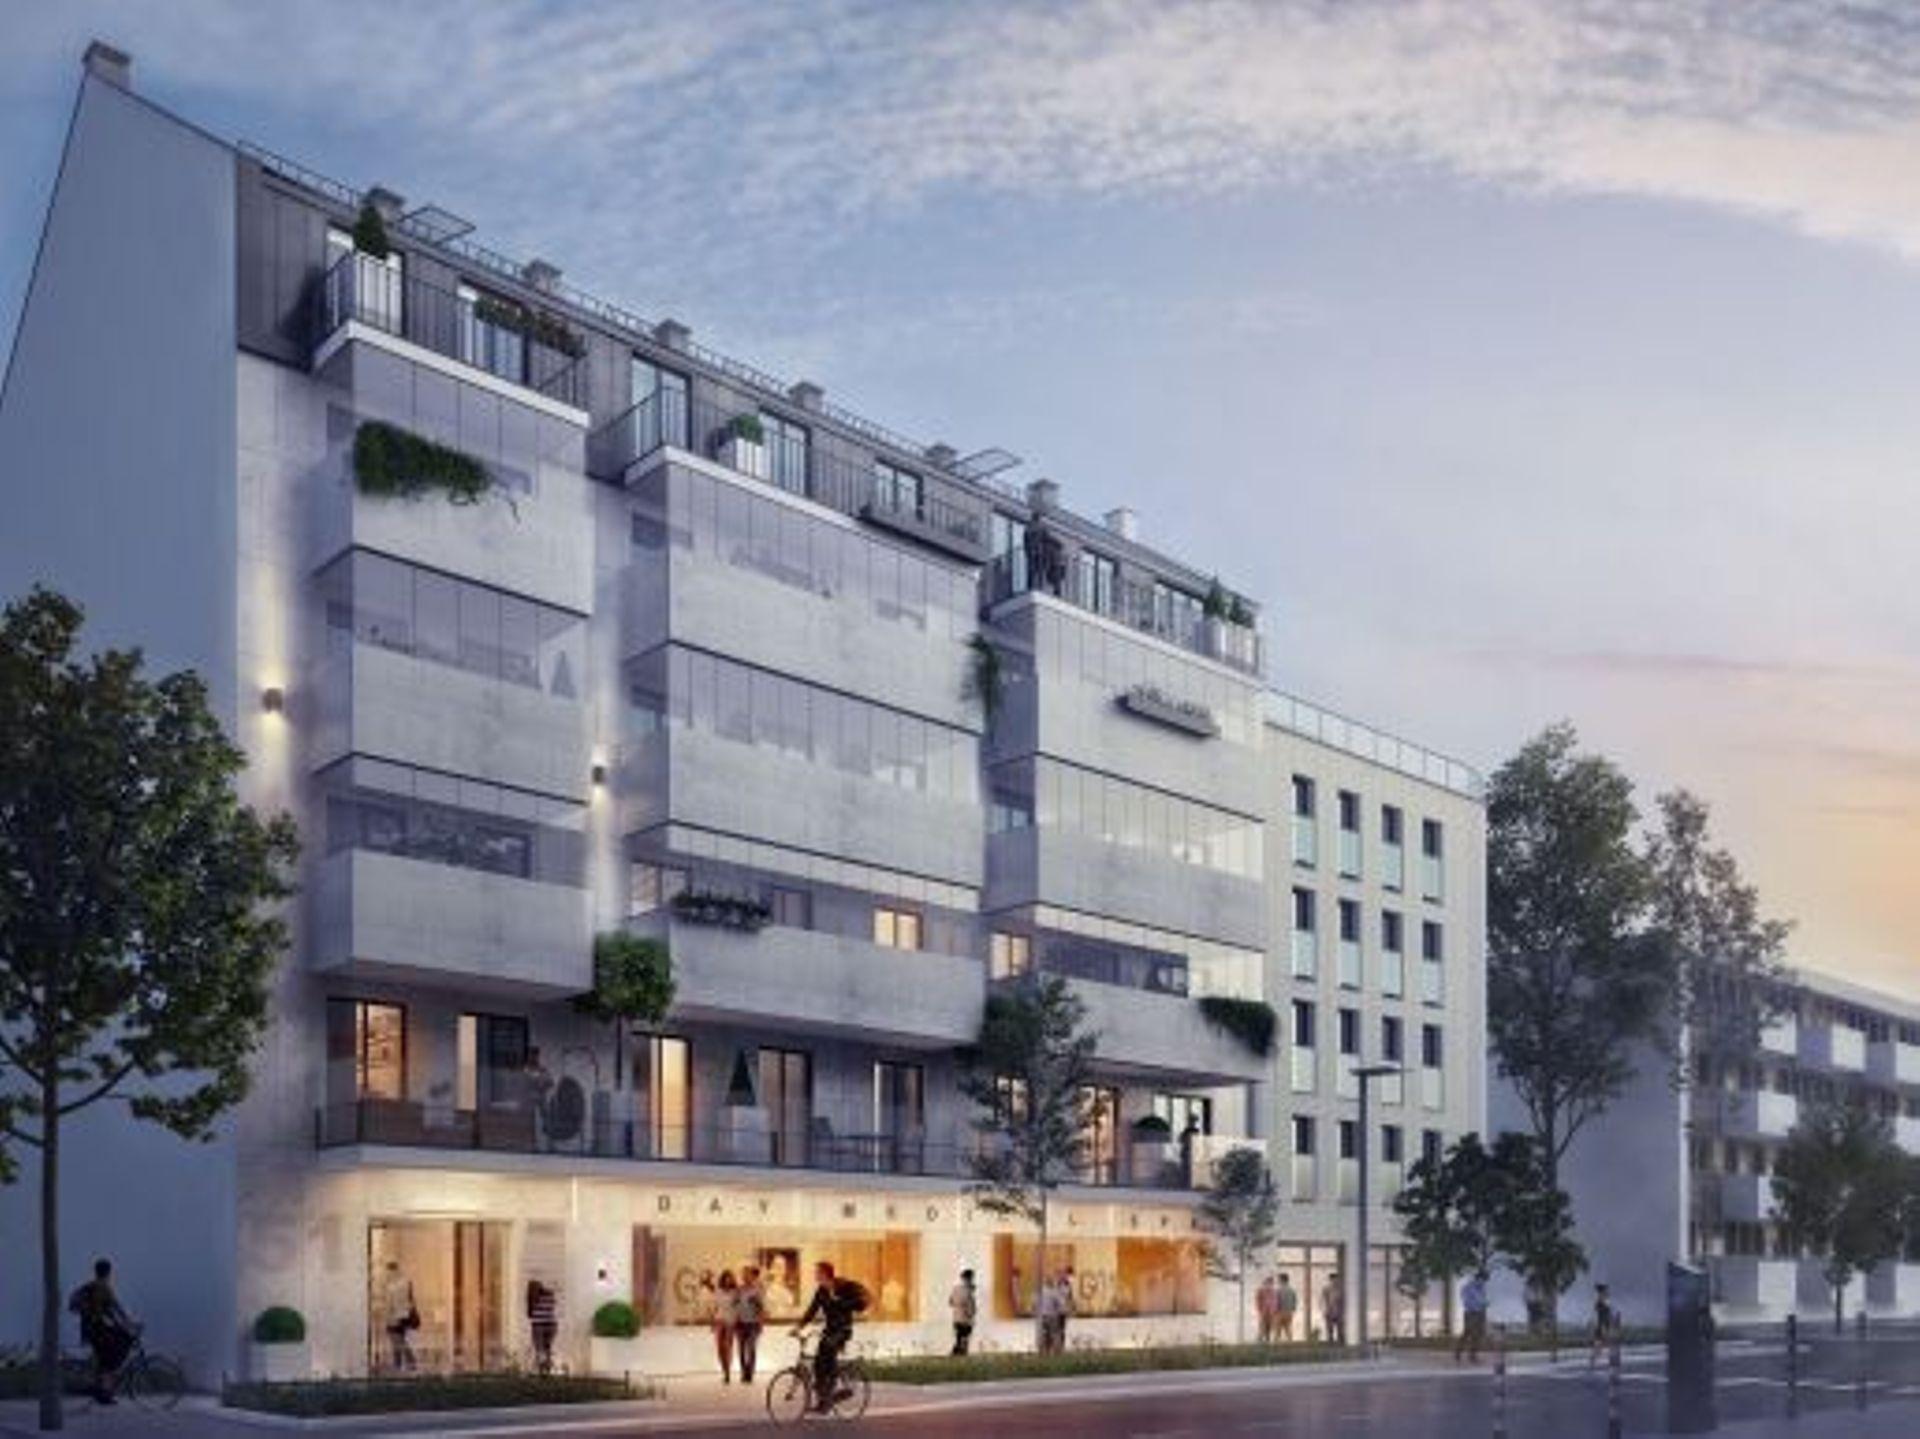 Kraków: KW51 – Des stawia na Krowodrzy apartamentowiec inspirowany kulturą japońską